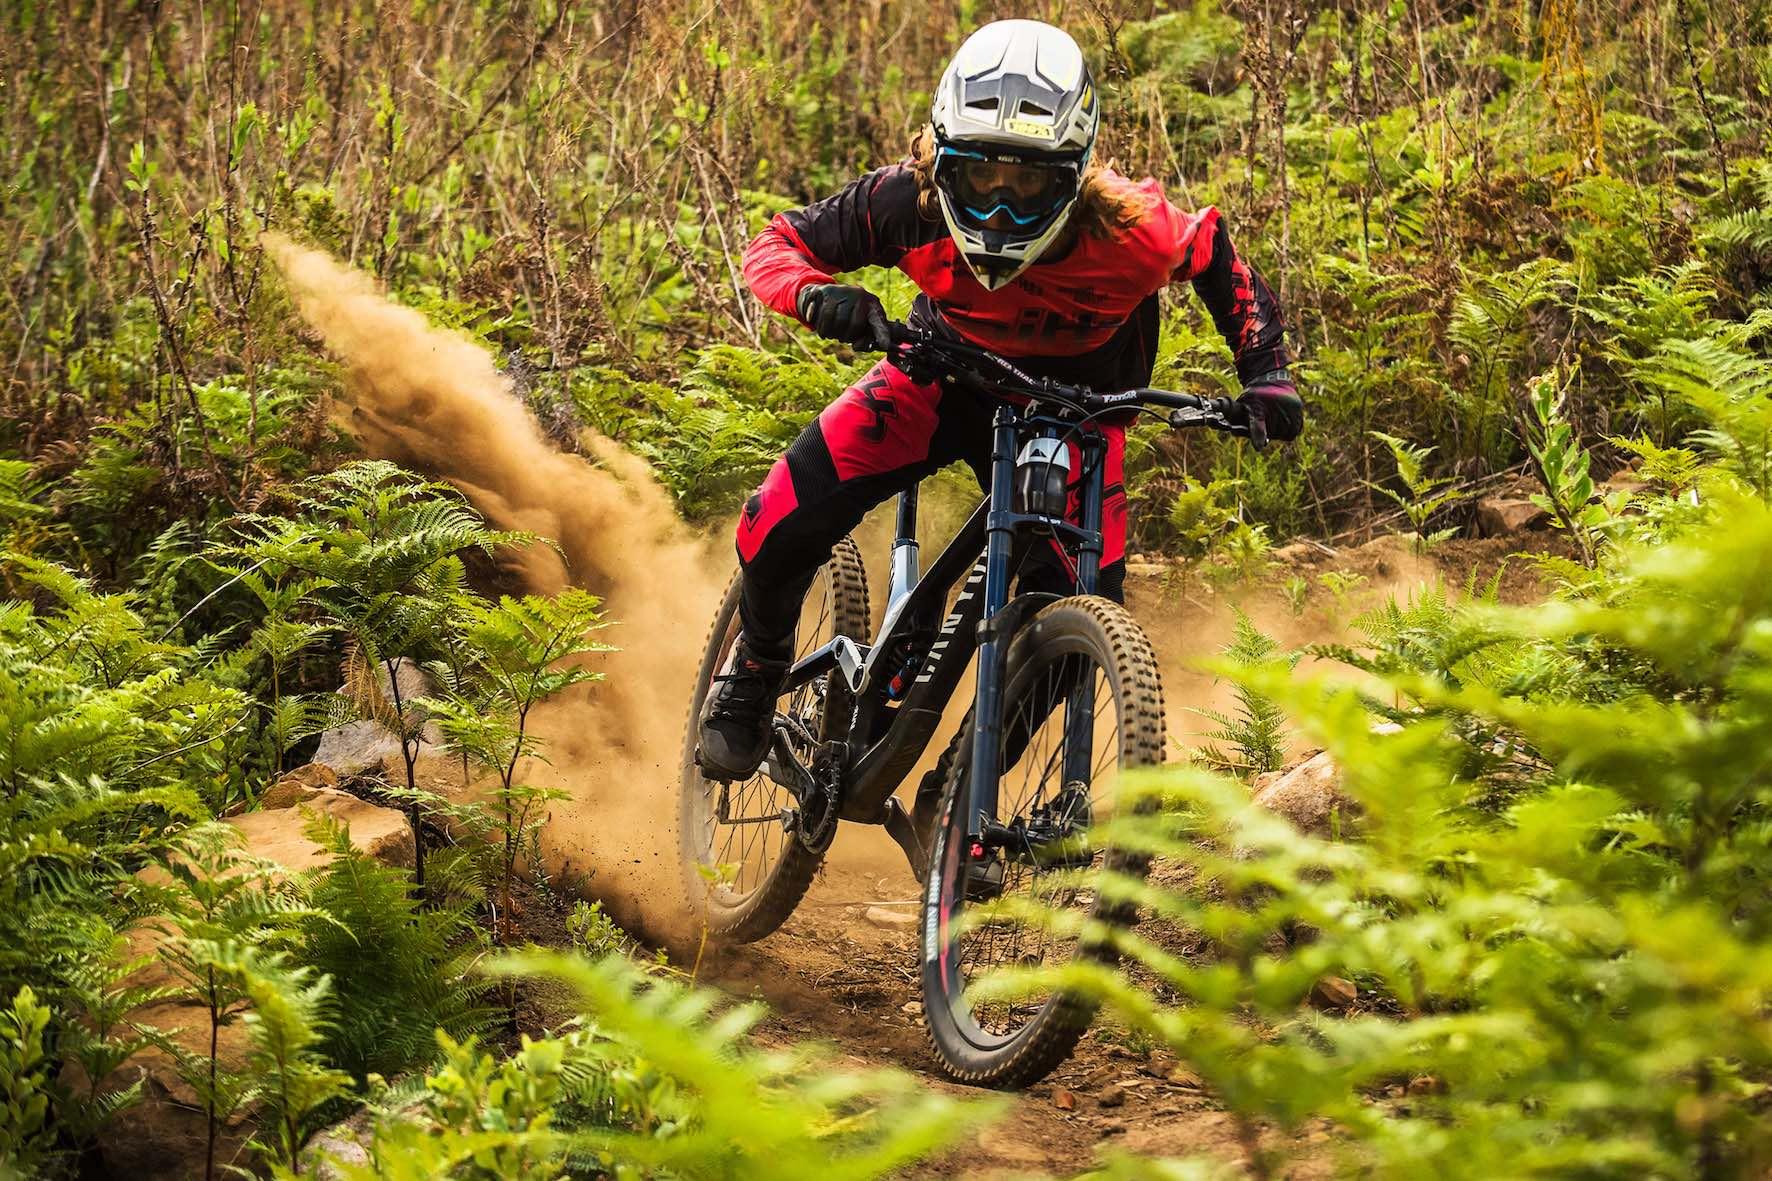 Jasper Barrett riding the Hellsend Dirt Compound flow line